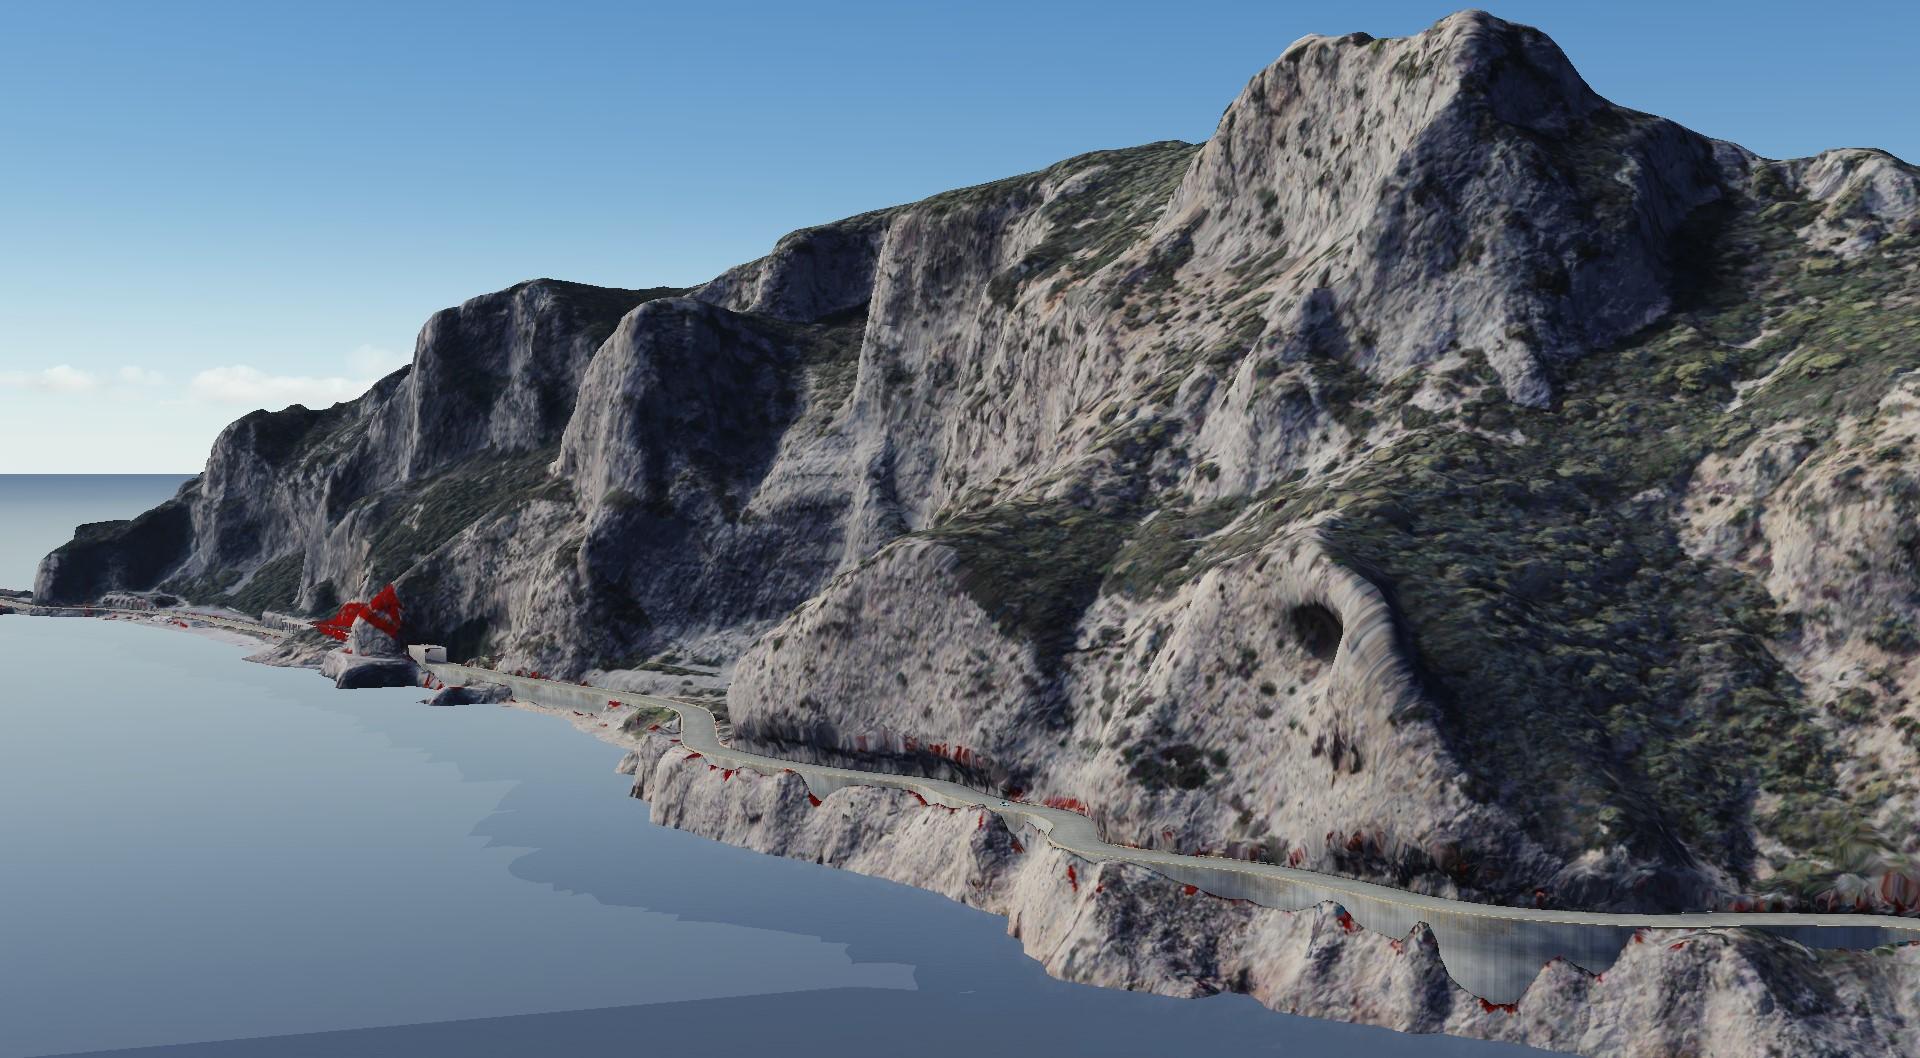 Schermafbeelding 2021-06-29 002959.jpg